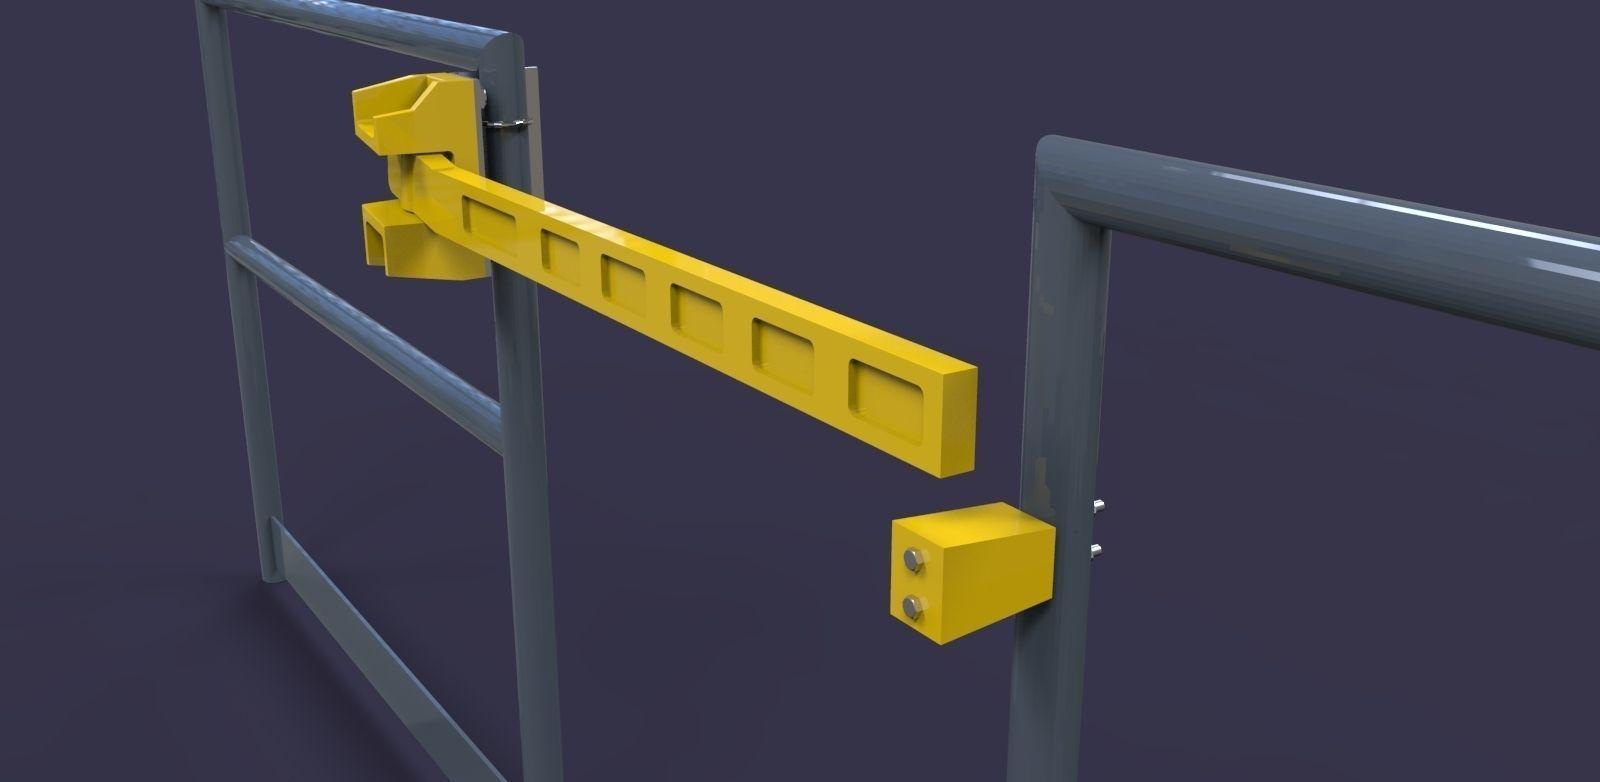 Mezzanine Safety Pivot Gate